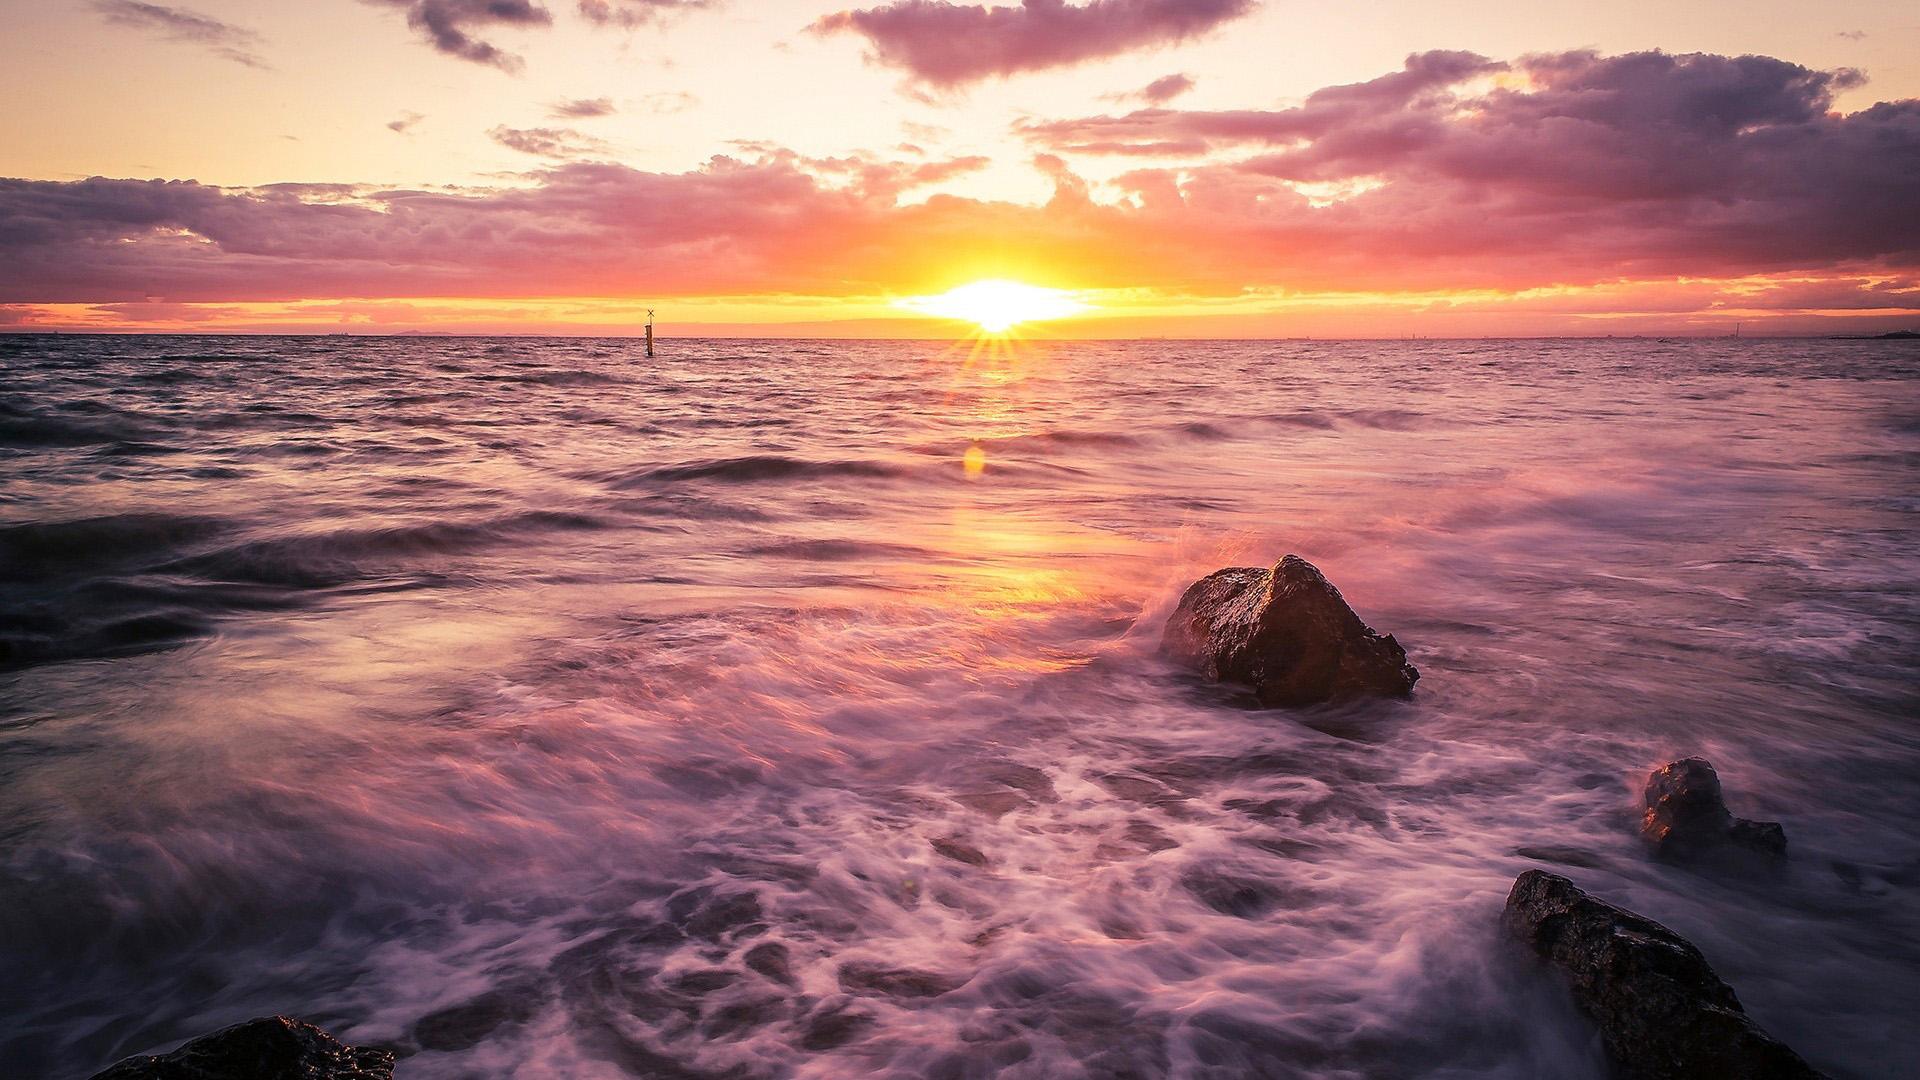 Красивые обои моря и пляжа на рабочий стол - подборка 2018 2